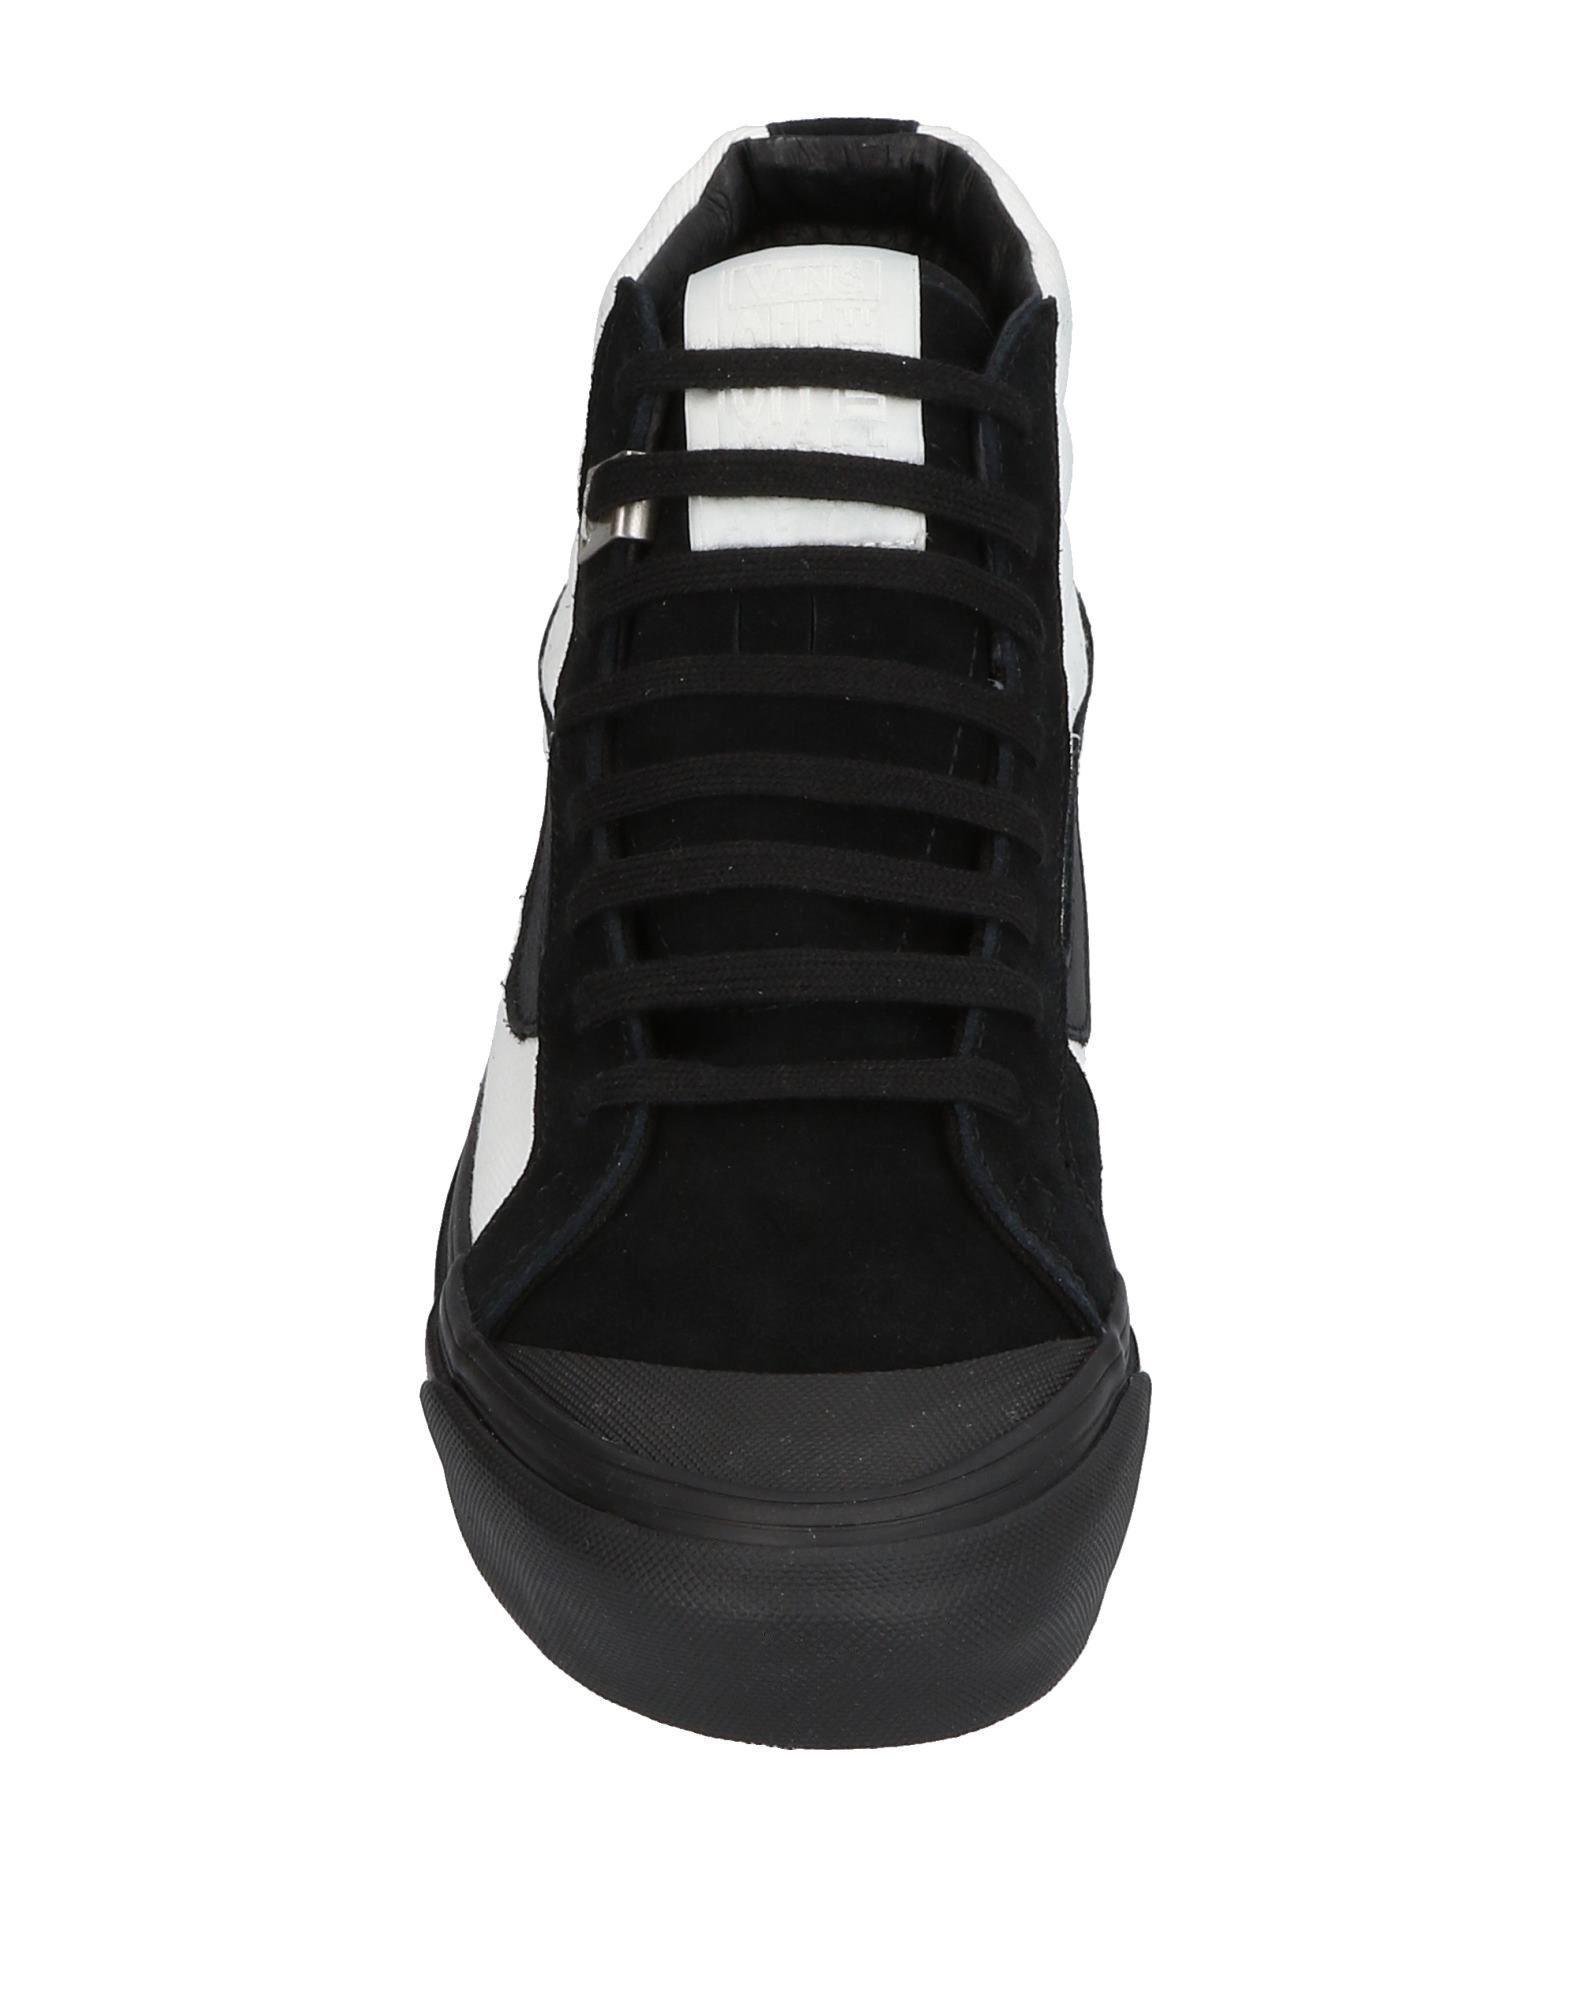 Vans Sneakers Damen  11442443RI Gute Qualität beliebte Schuhe Schuhe beliebte 6c5110